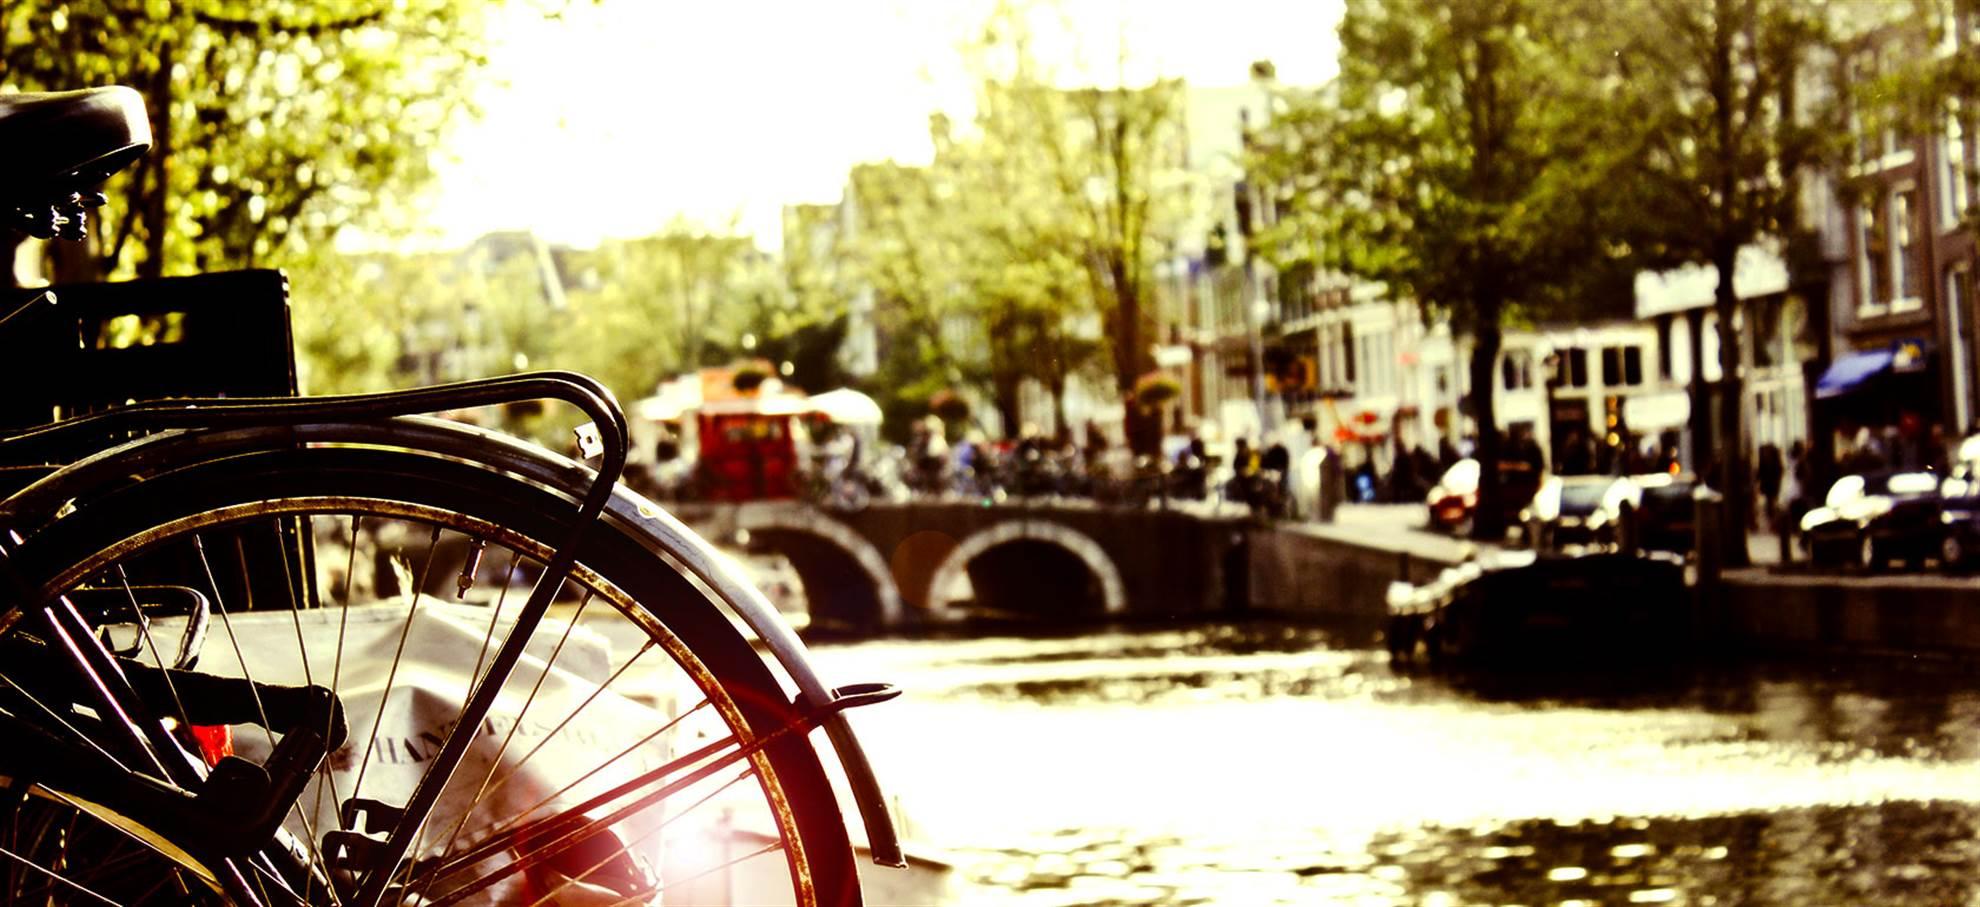 Paseo en bicicleta - la tarde (guía español)